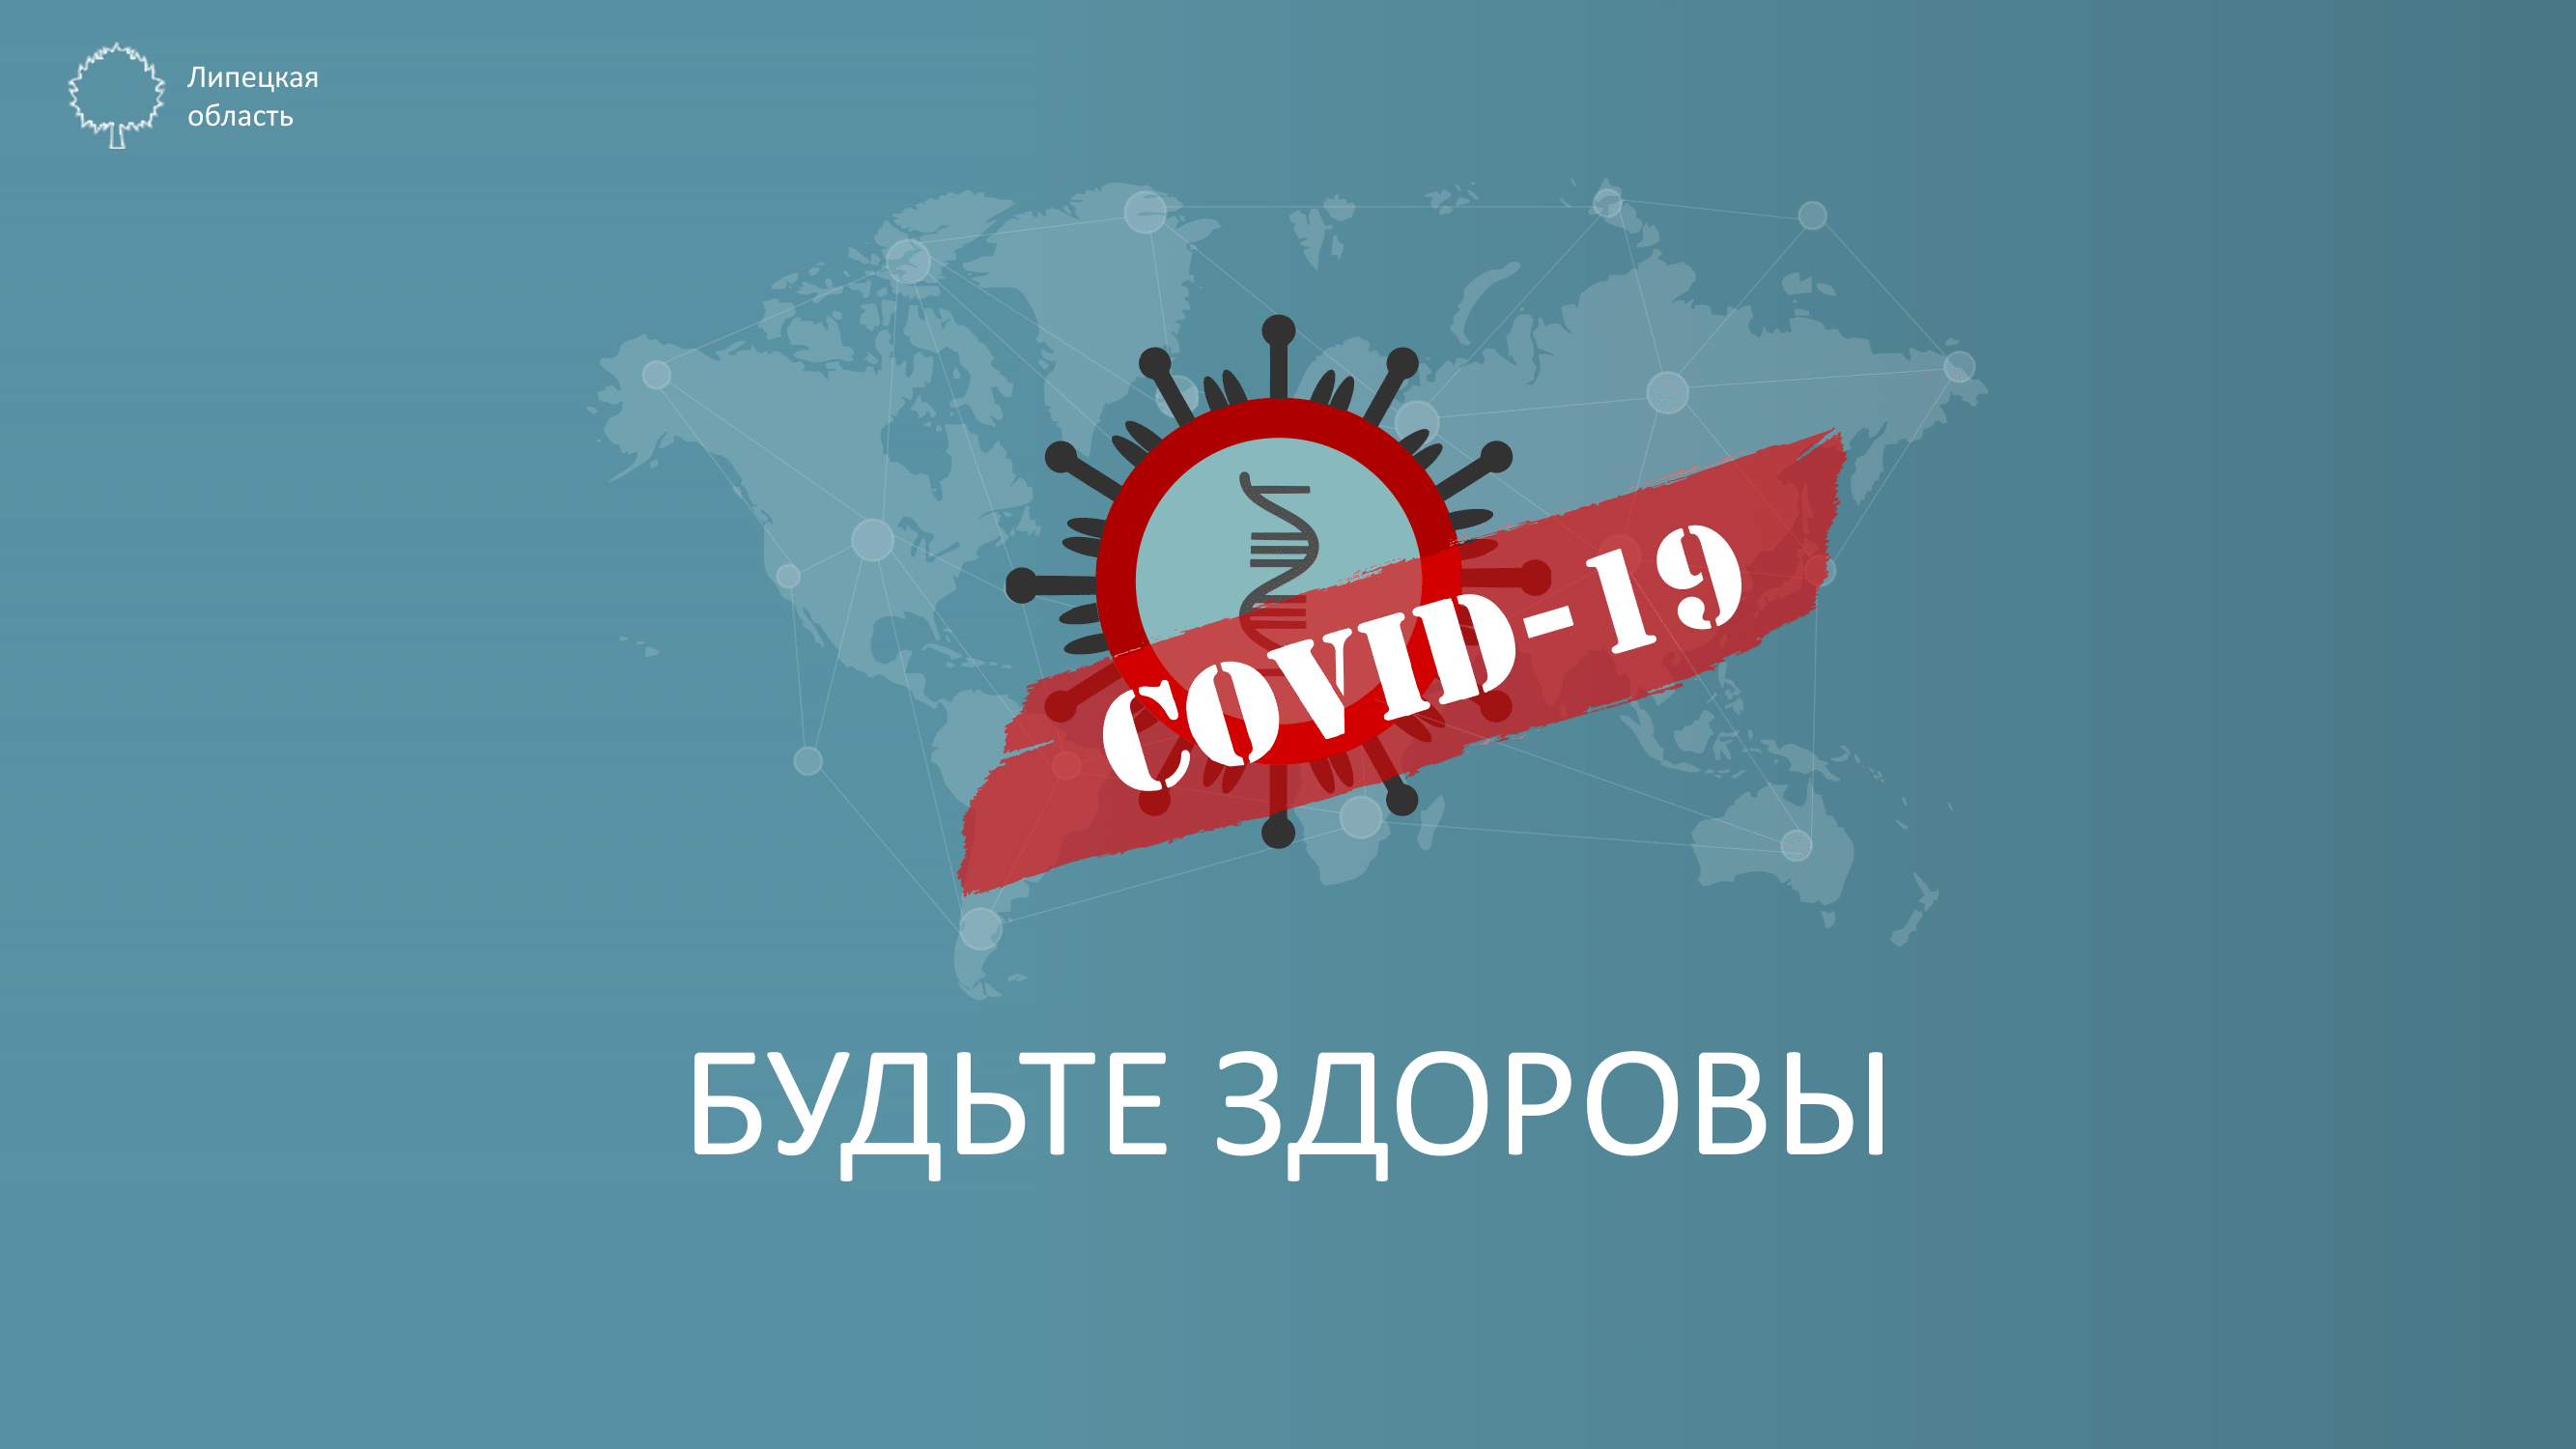 Помощь в период пандемии в Липецкой области-15